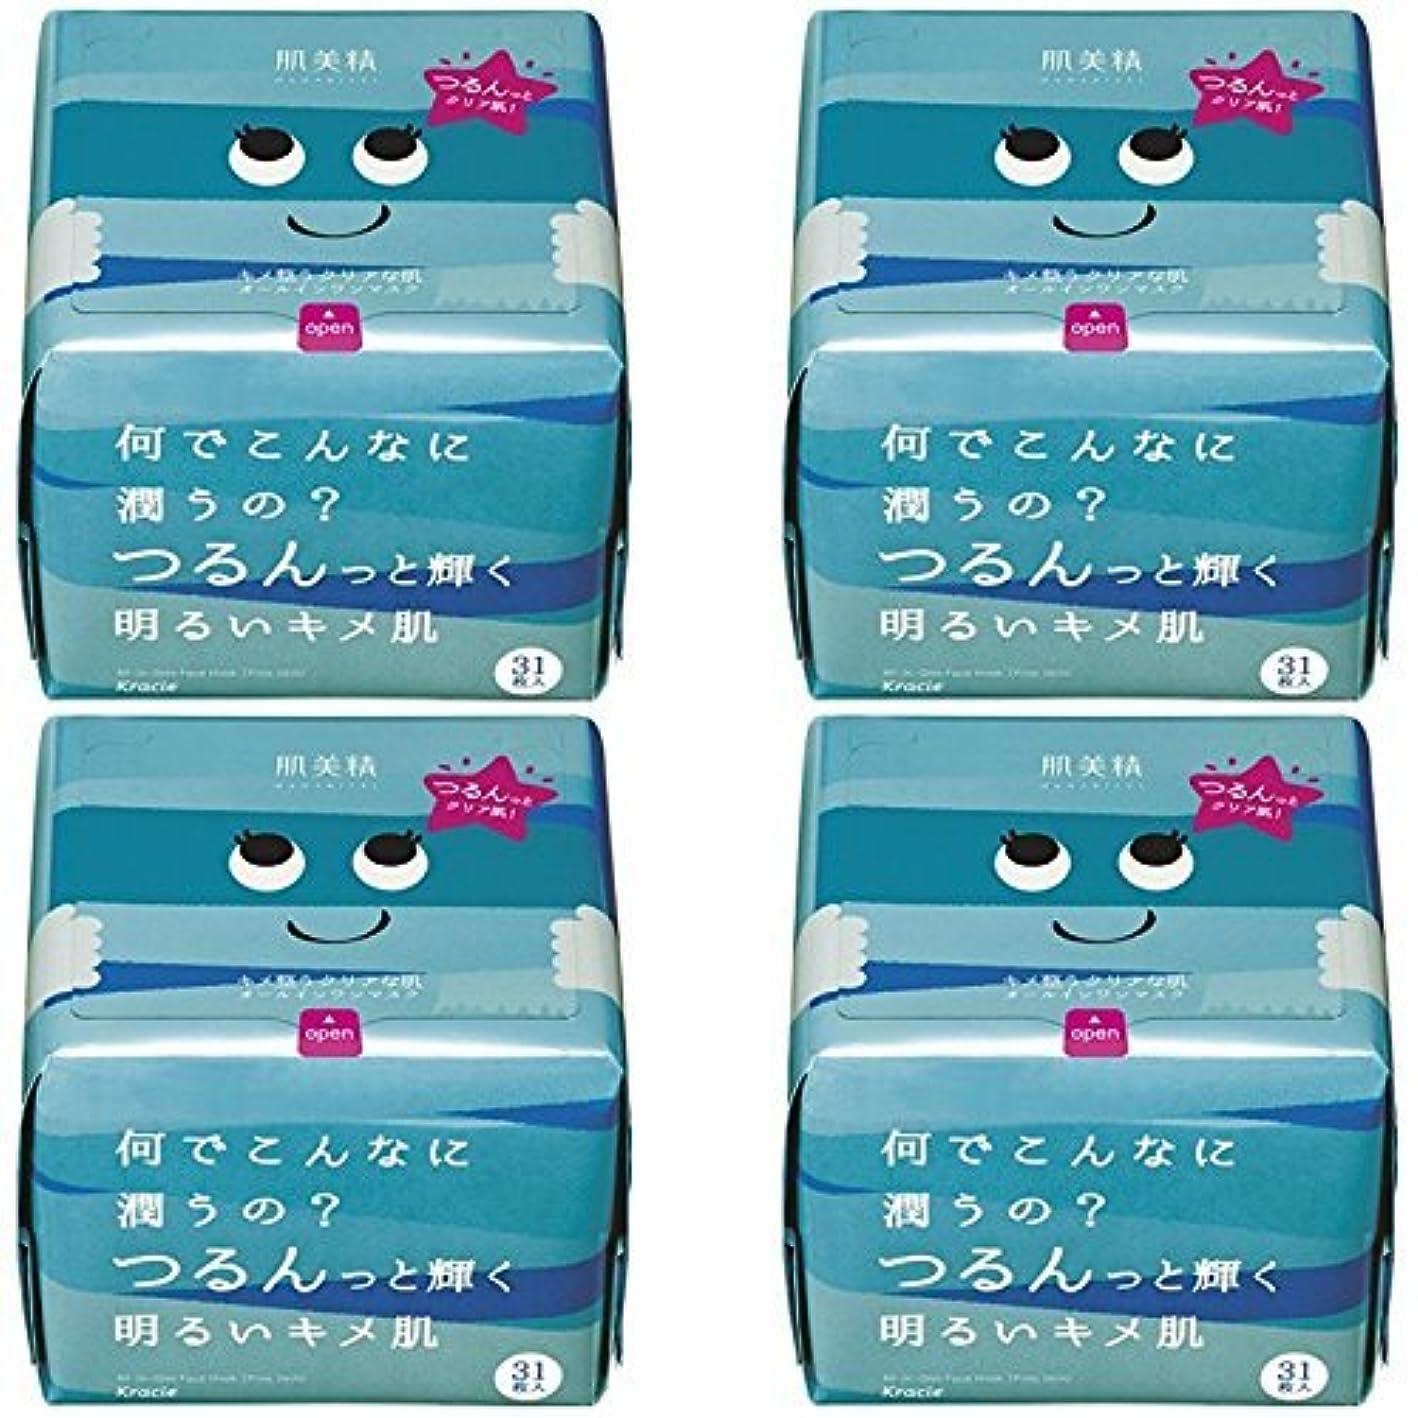 移植ベールポンド【まとめ買い】肌美精 デイリーモイスチュアマスク (キメ透明感) 31枚【×4個】